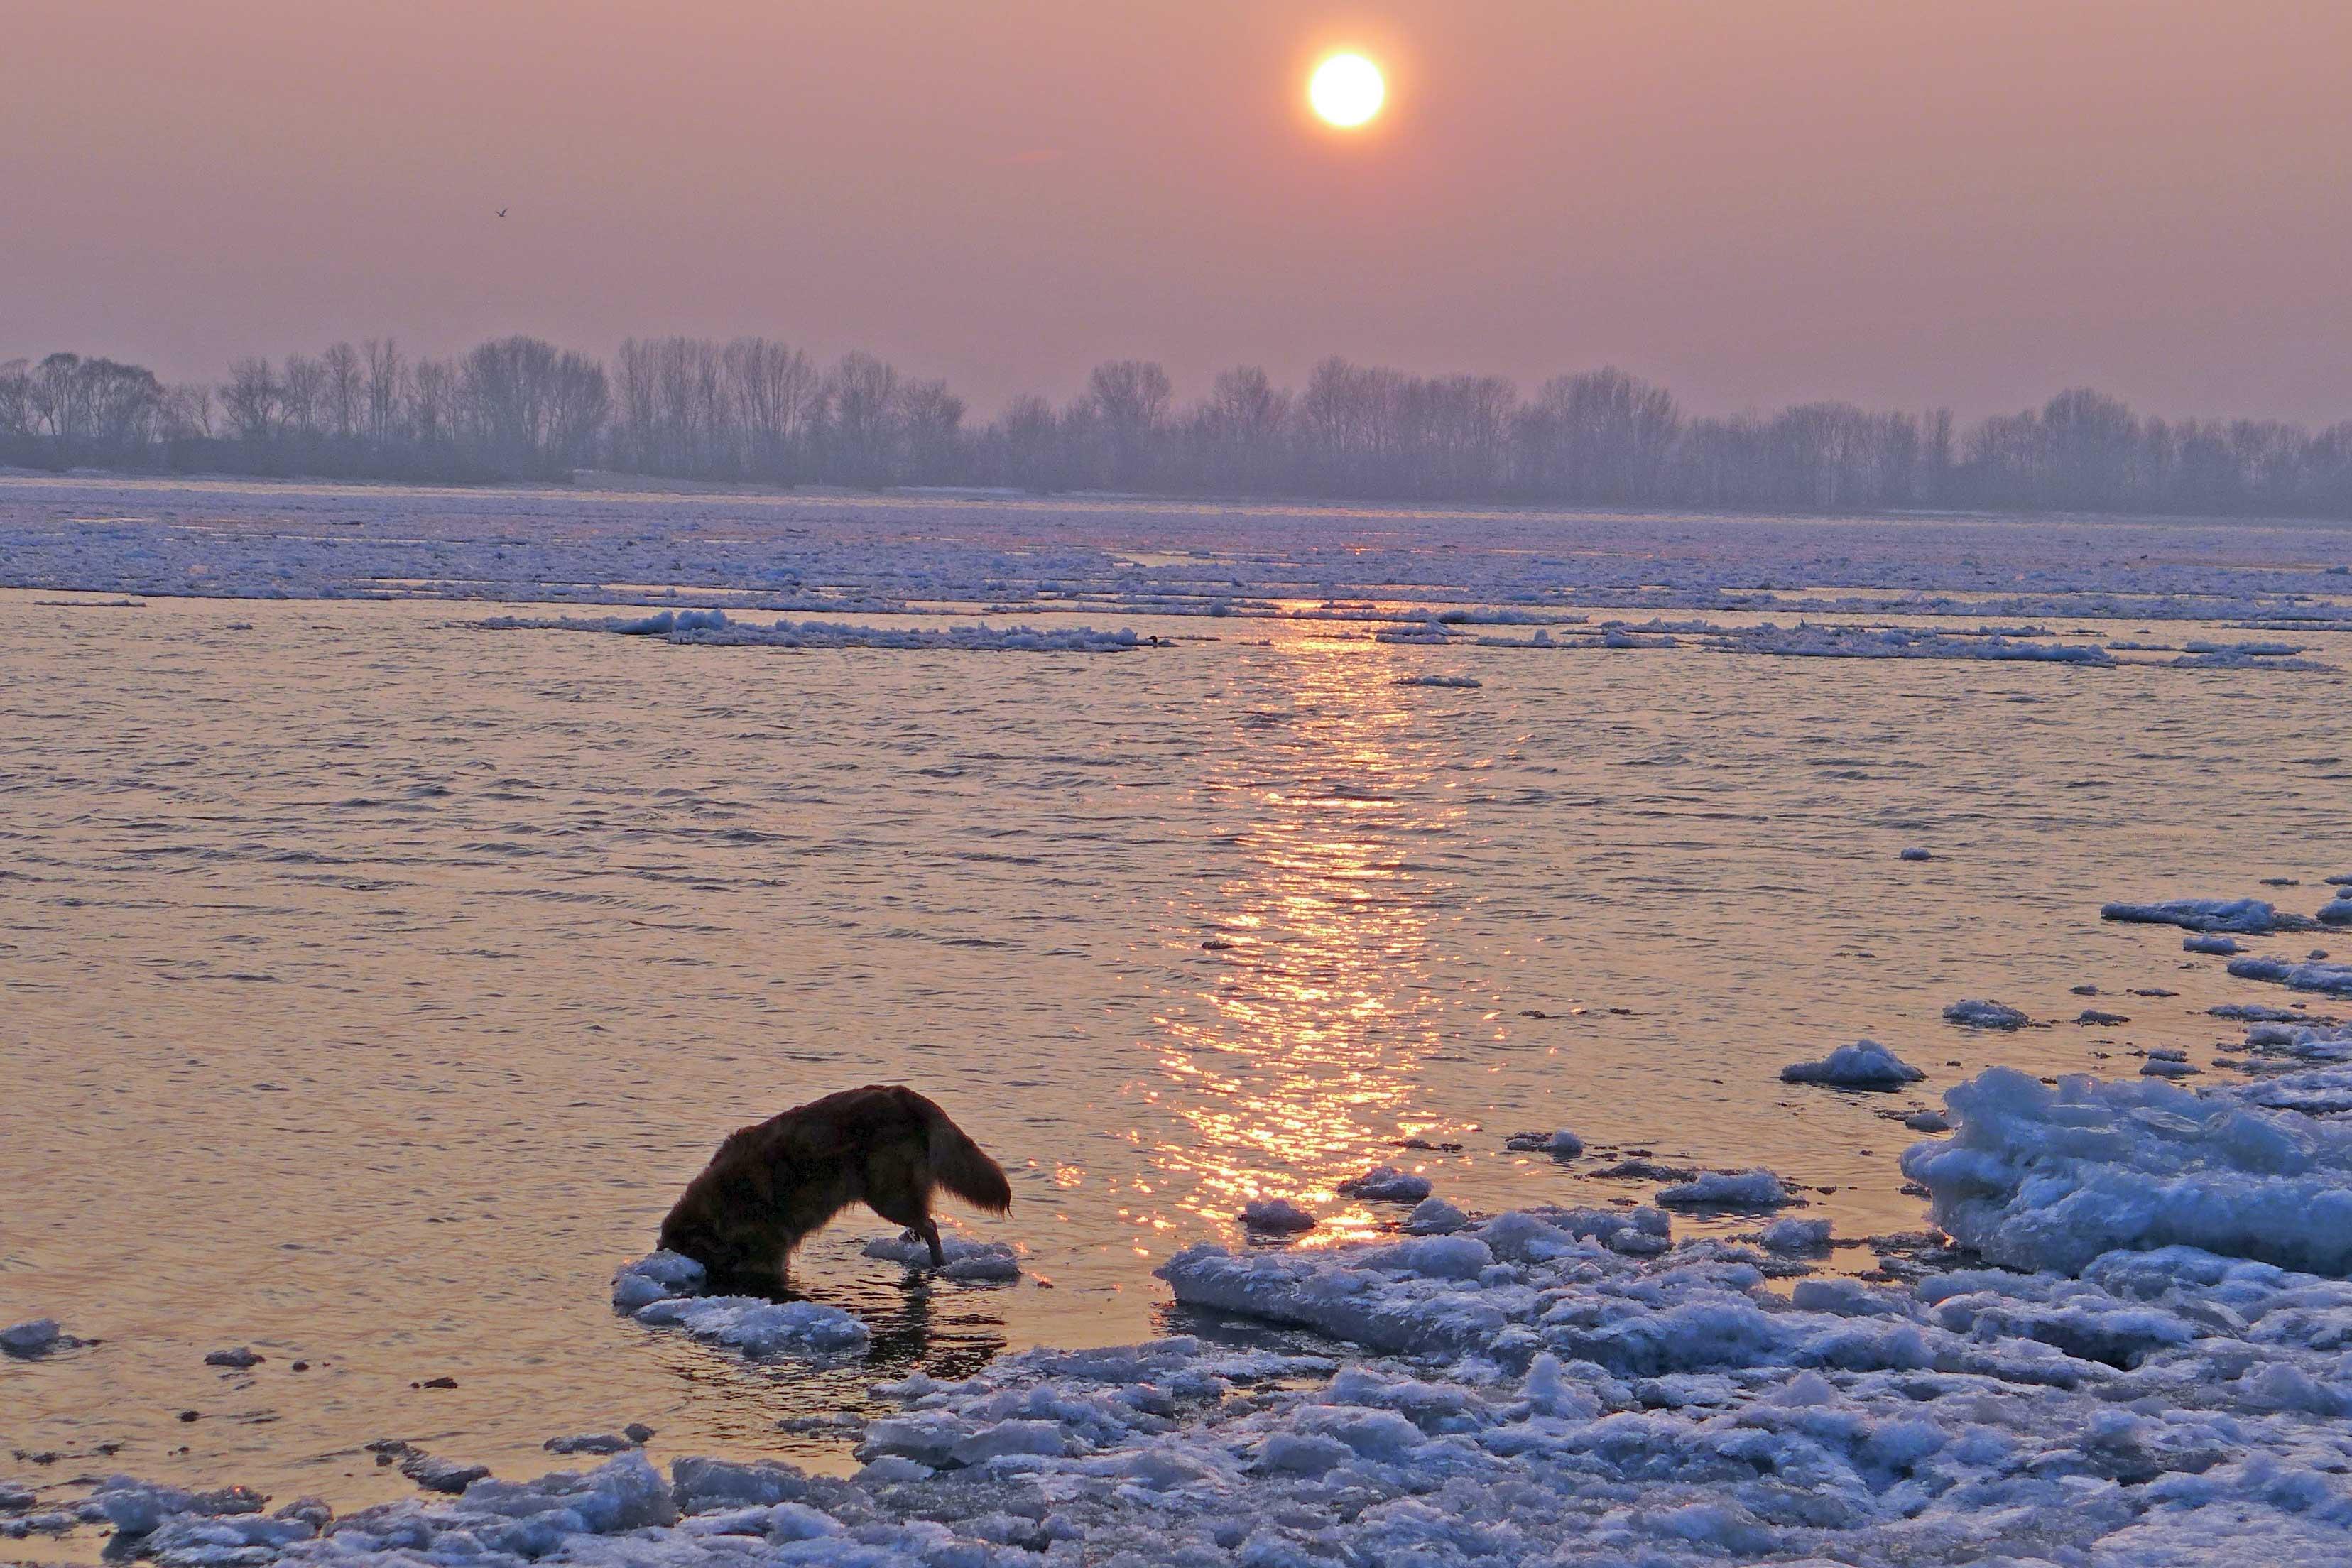 Hund sucht nach Steinen in der Elbe, hat aber pech, weil der Strom voller Eis ist